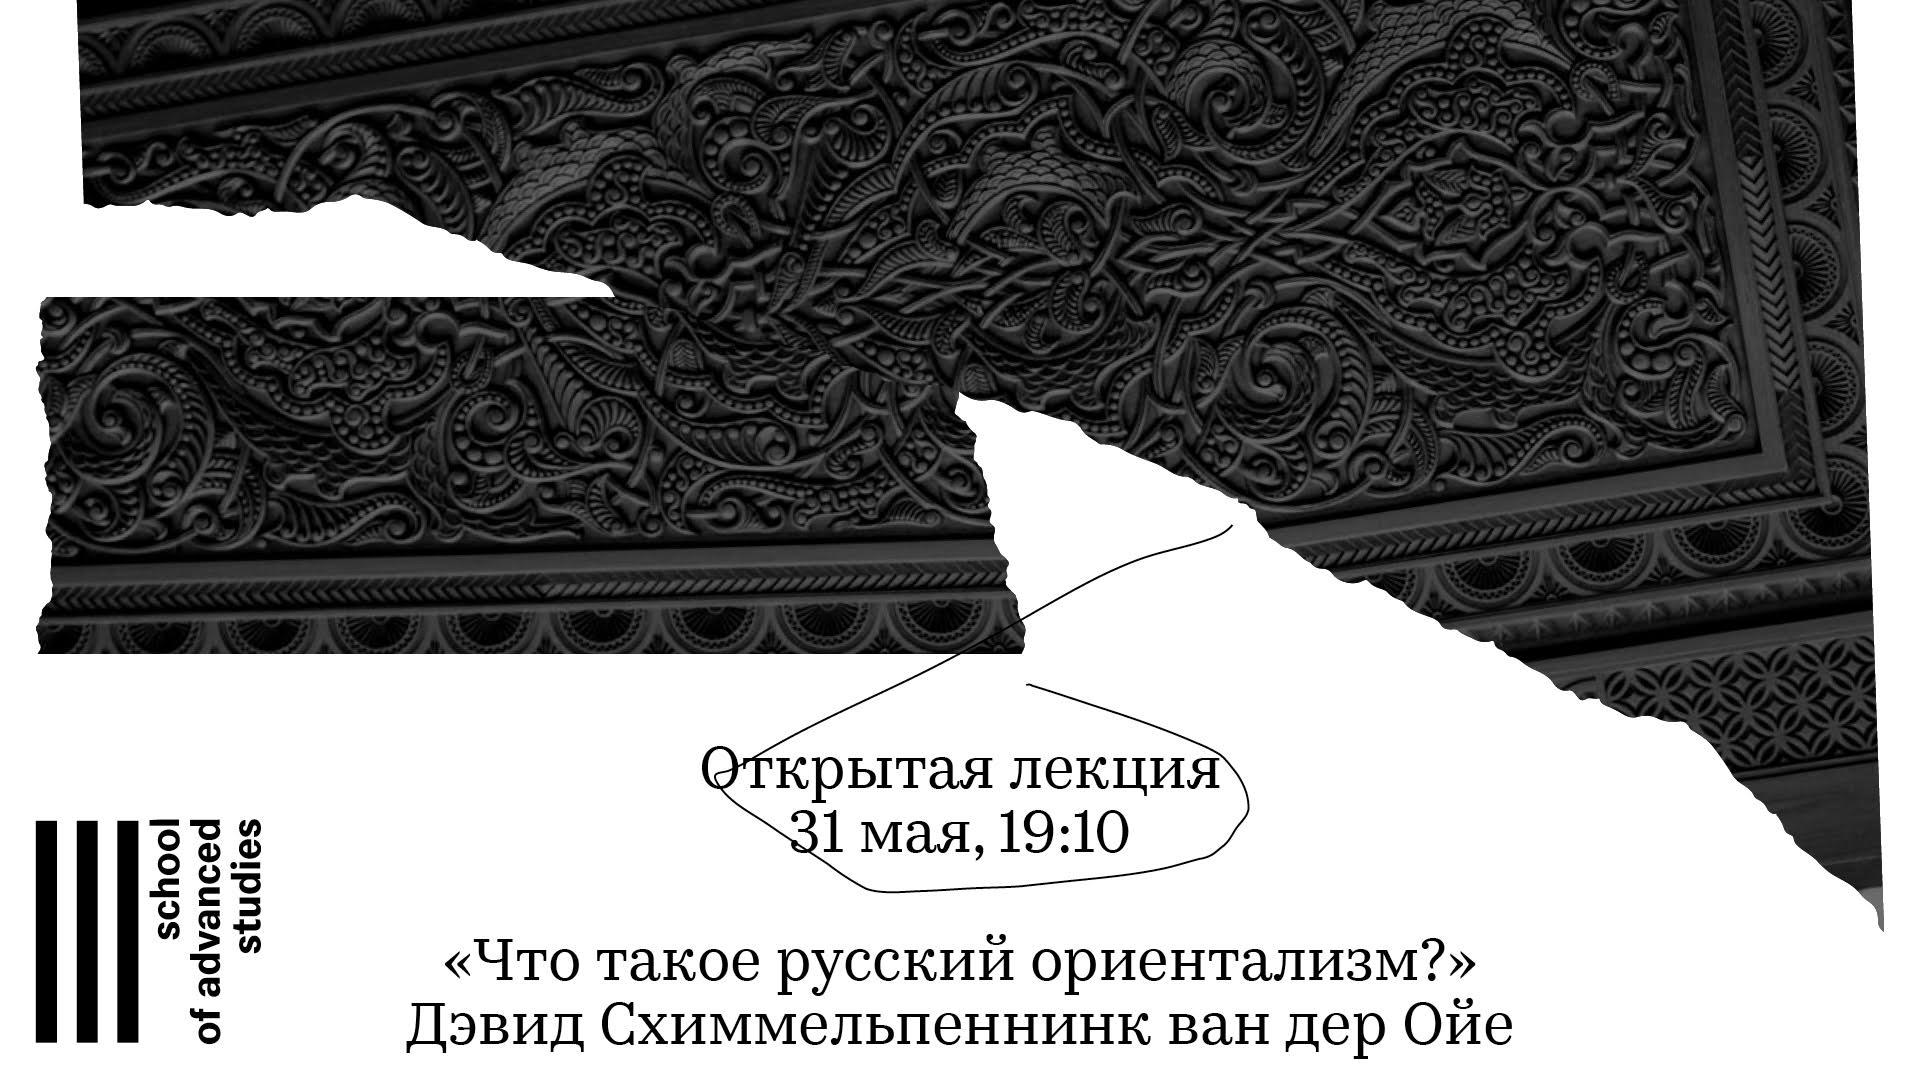 Открытая лекция «Что такое русский ориентализм?»